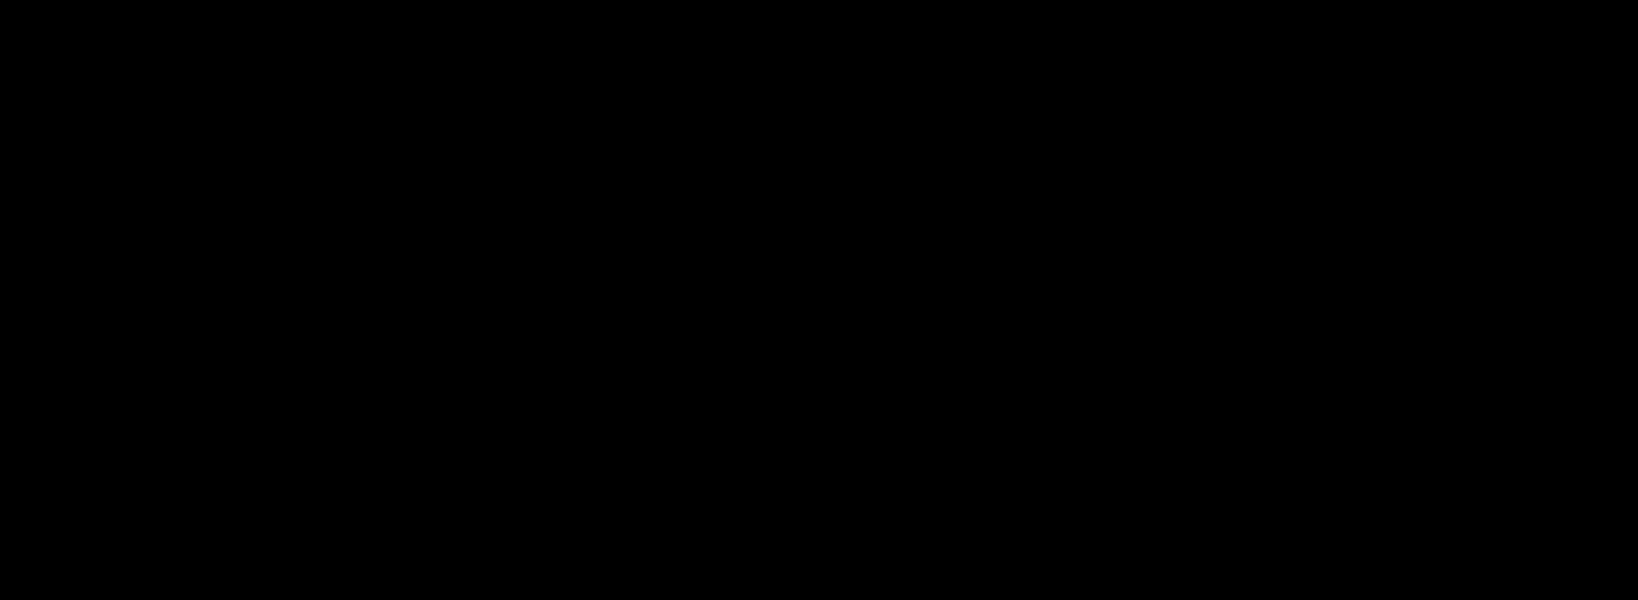 Avenanthramide-C methyl ester